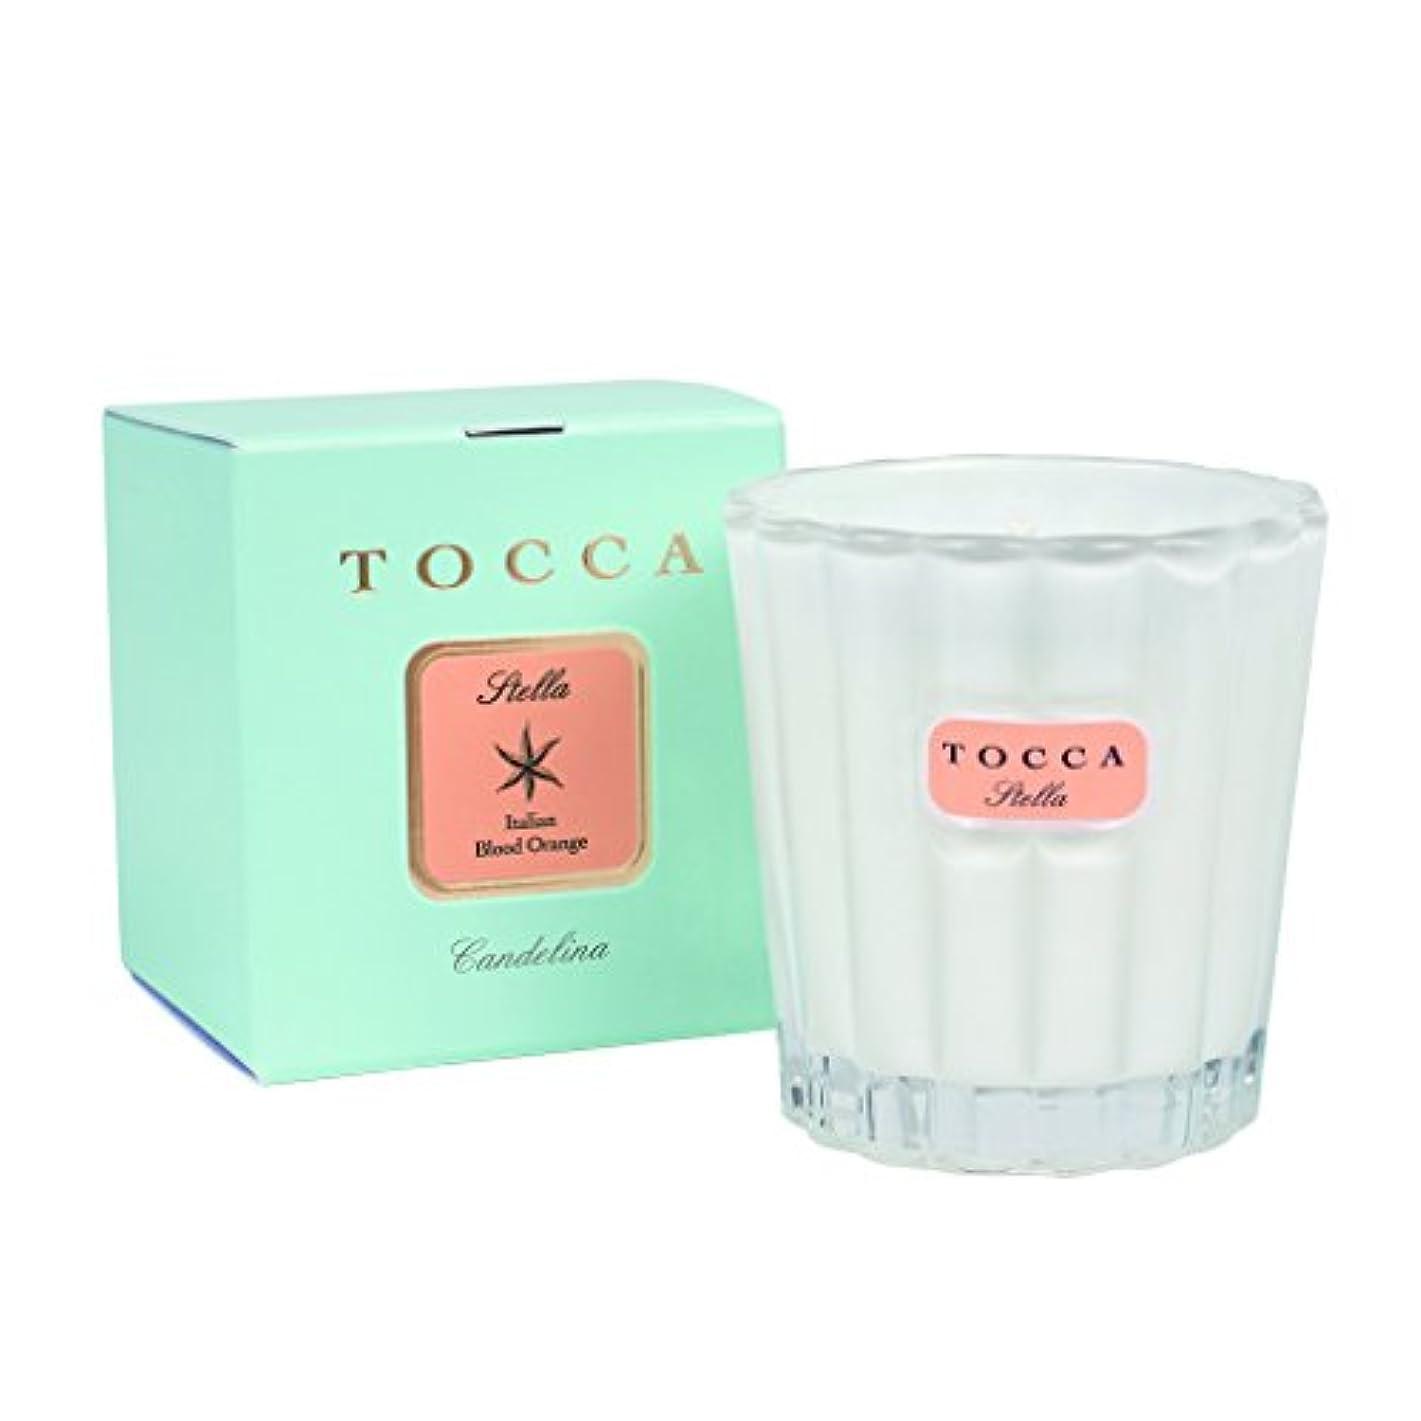 空虚アラスカ解決するトッカ(TOCCA) キャンデリーナ ステラ 88g (キャンドル ろうそく シトラス系でありながらほんのり甘く苦味を感じることのないさわやかな香り)